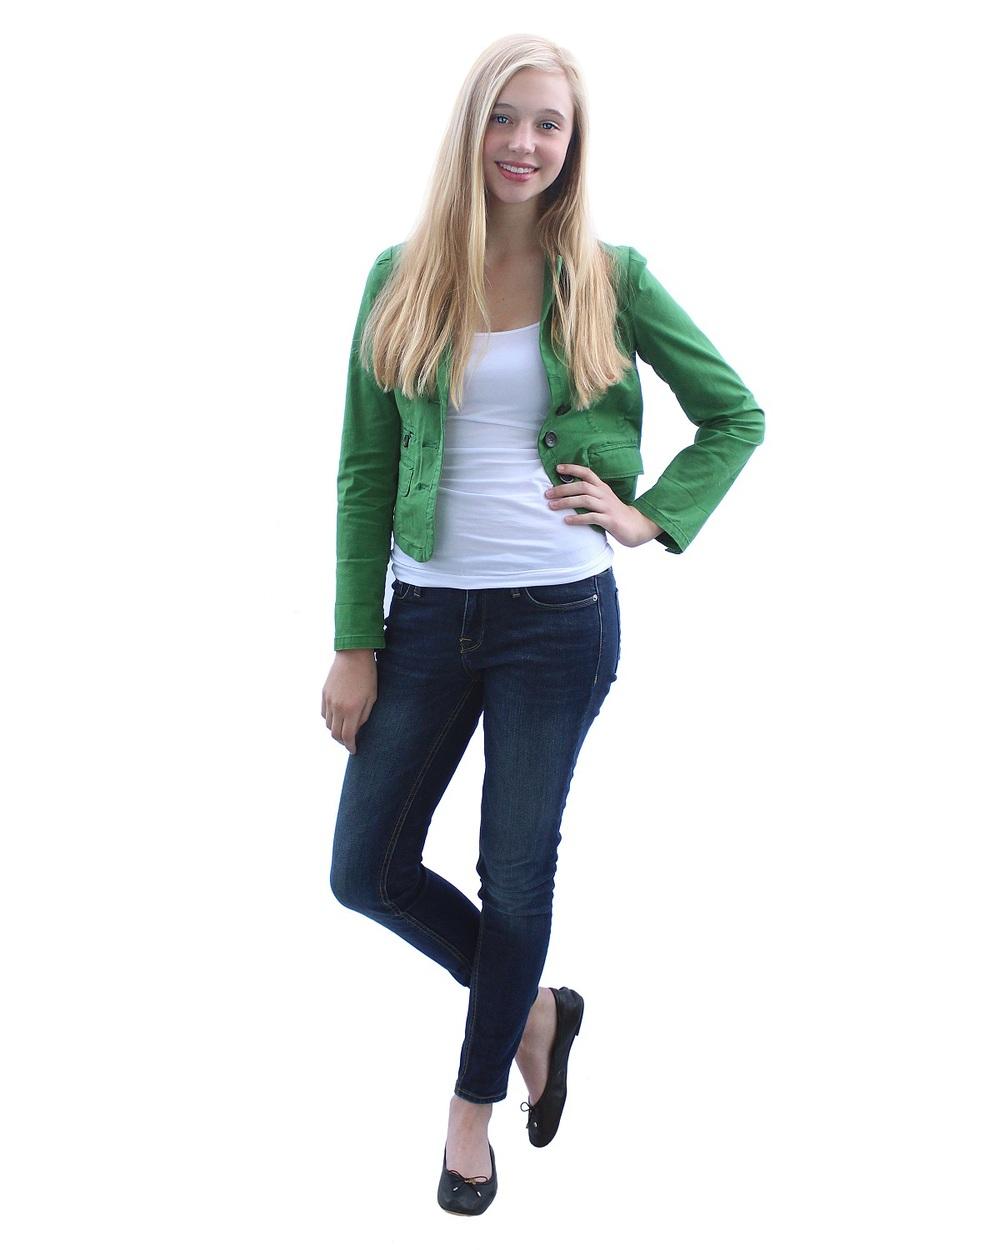 Jessica Flaum by Breanna Baker 5 web.jpg